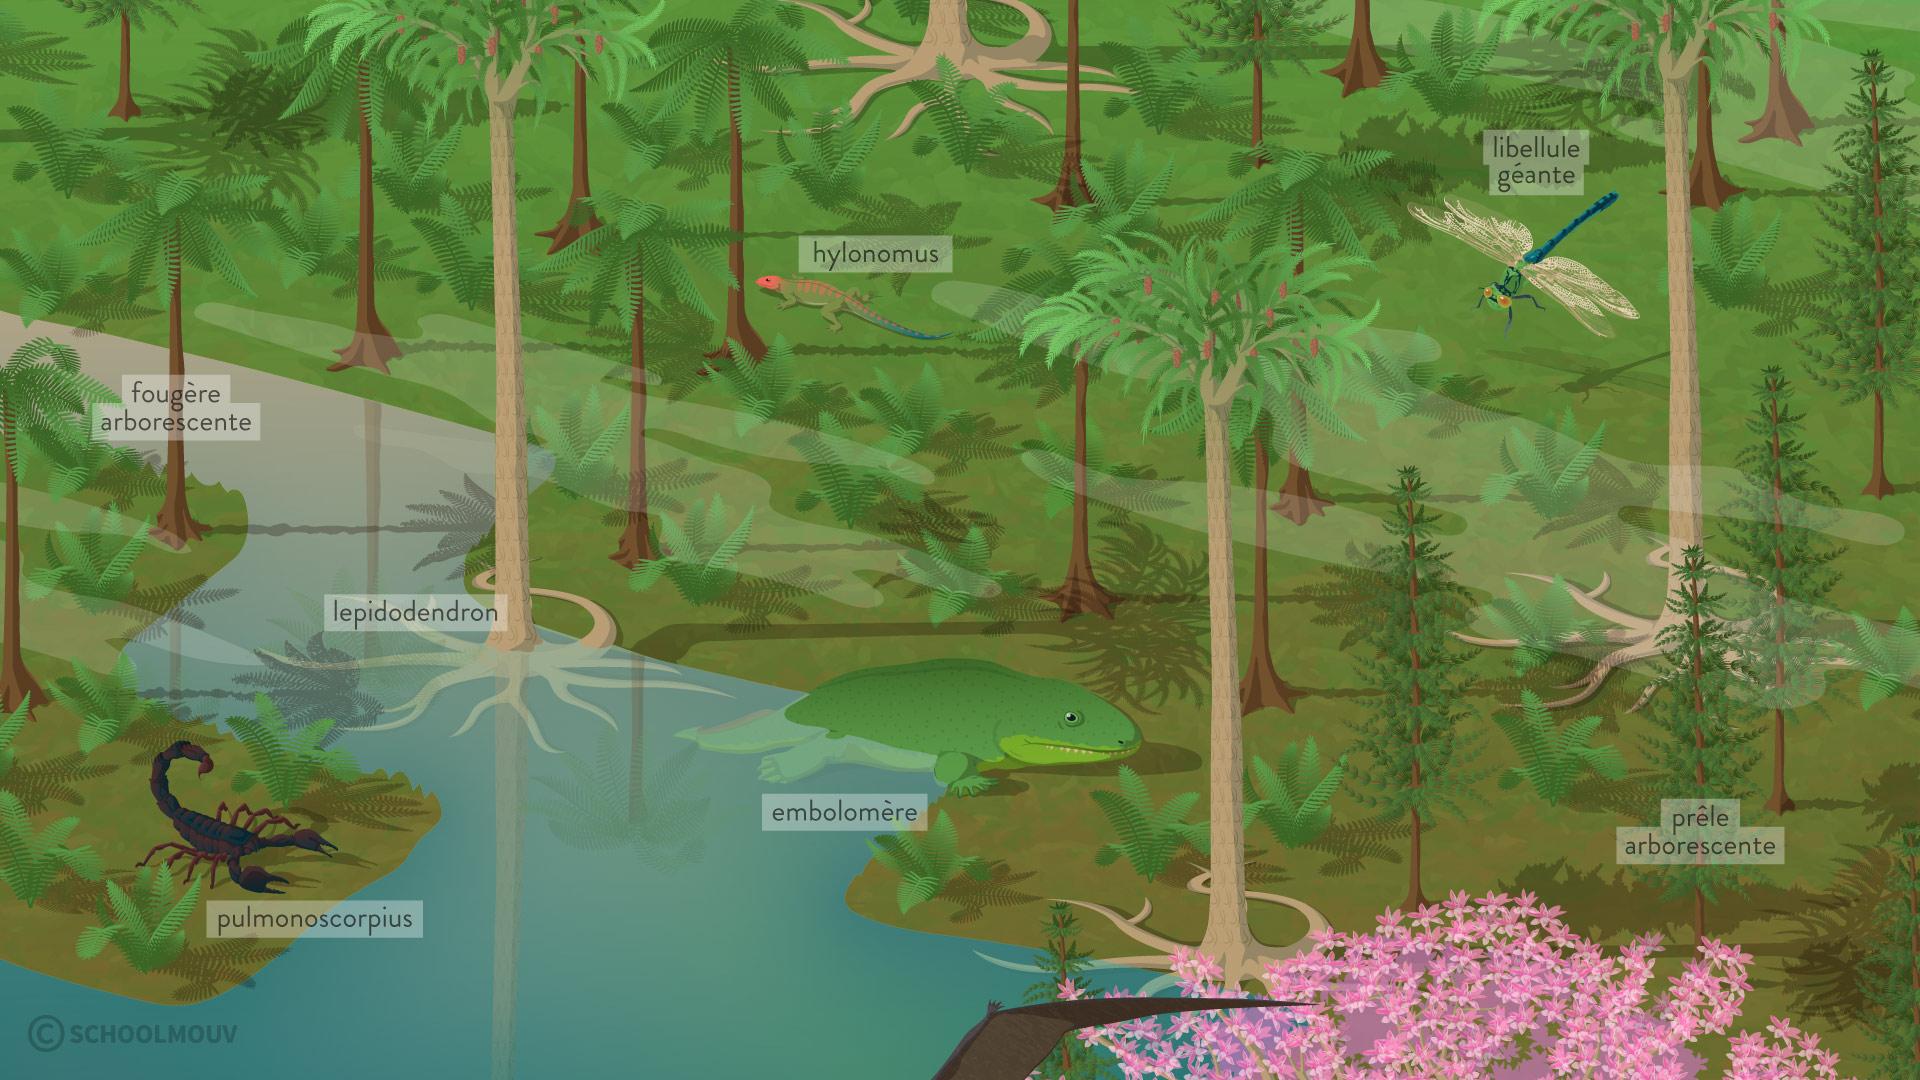 Reconstitution d'une forêt houillère du Nord de la France datée de 300 millions d'années (Carbonifère)-svt-6eme-schoolmouv